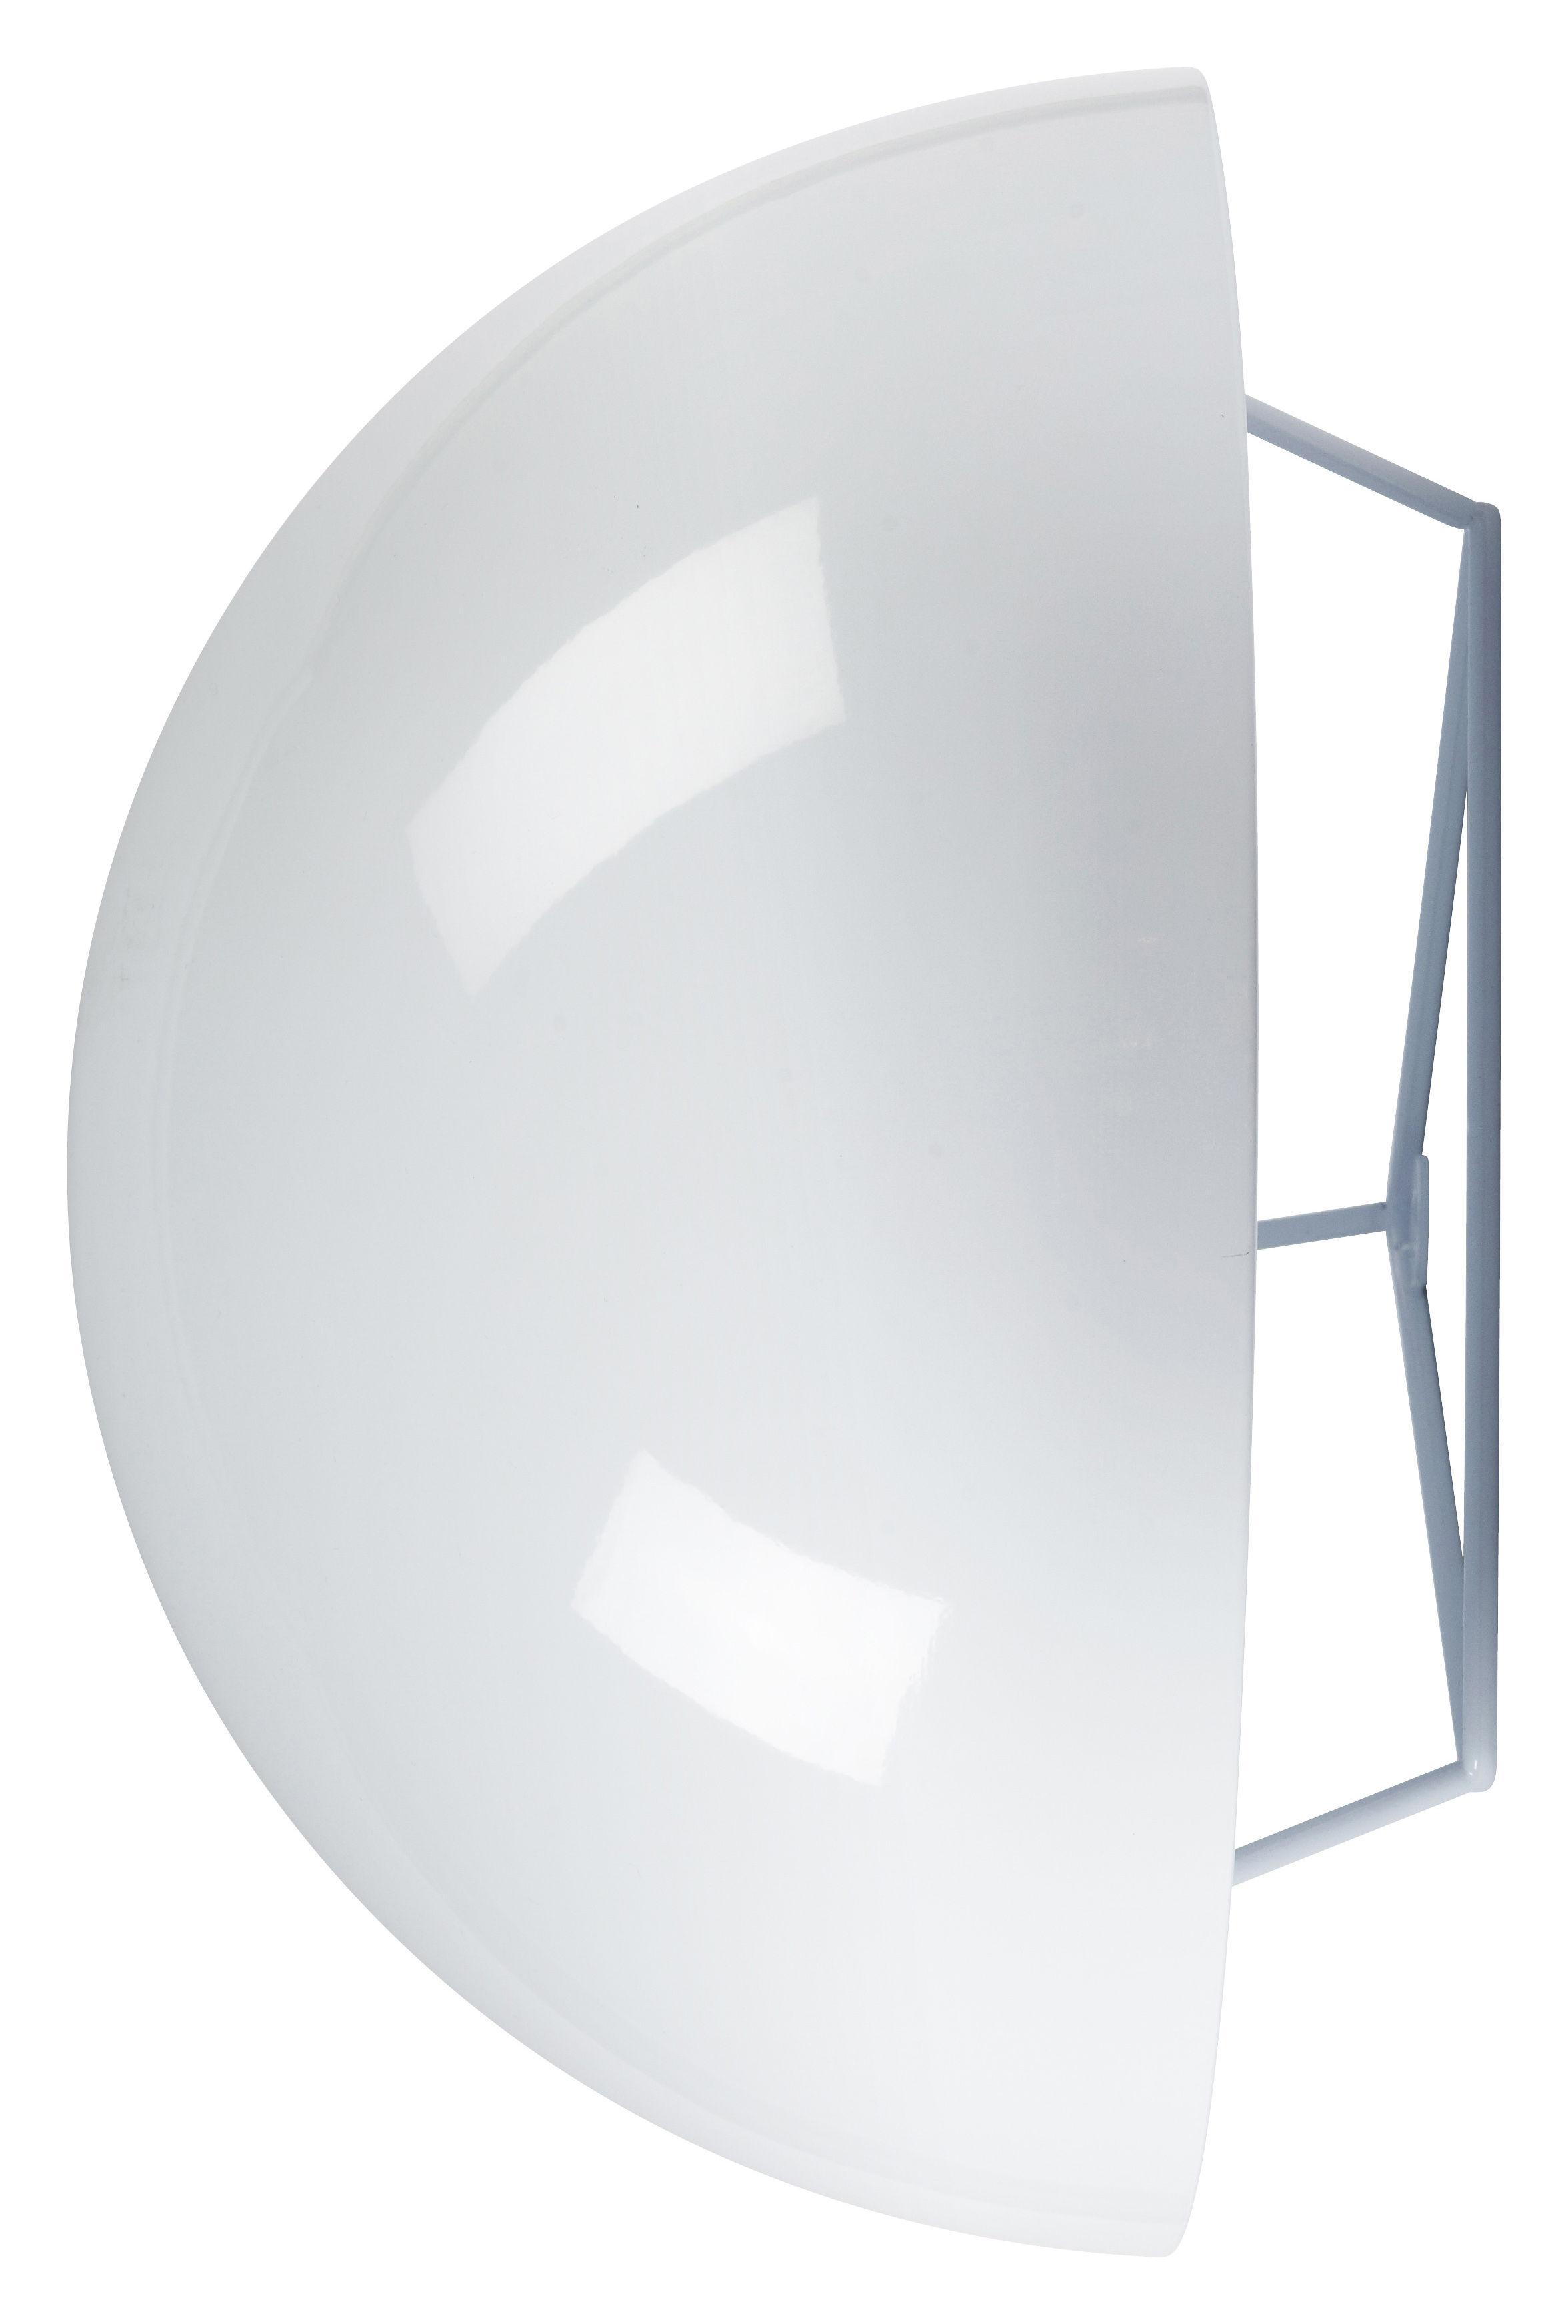 Luminaire - Appliques - Applique Dom Large - Ø 39,5 cm - Forestier - Ø 39,5 cm - Blanc - Métal laqué